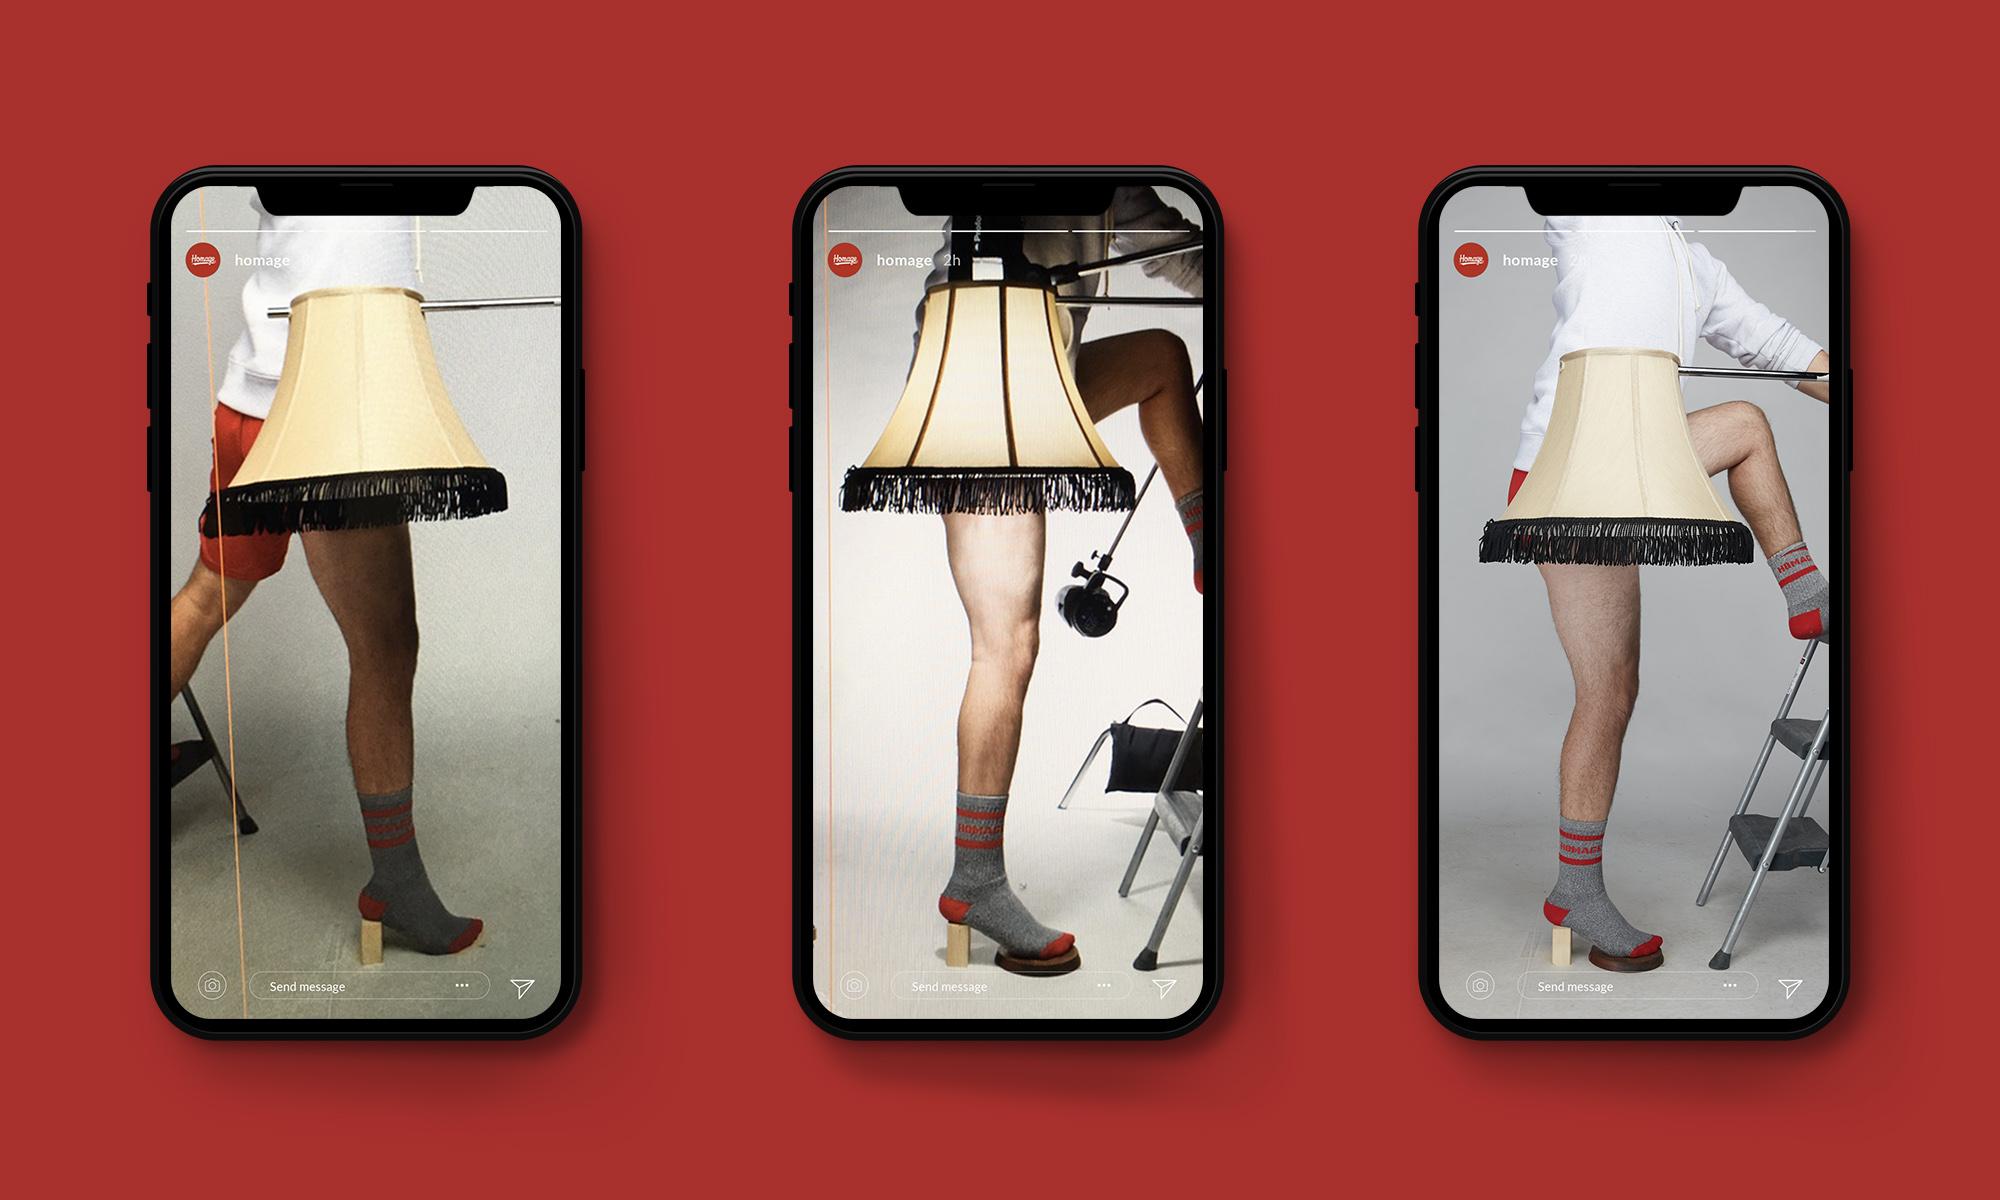 homage-tube-sock-tuesday-behind-the-scenes-instagram.jpg